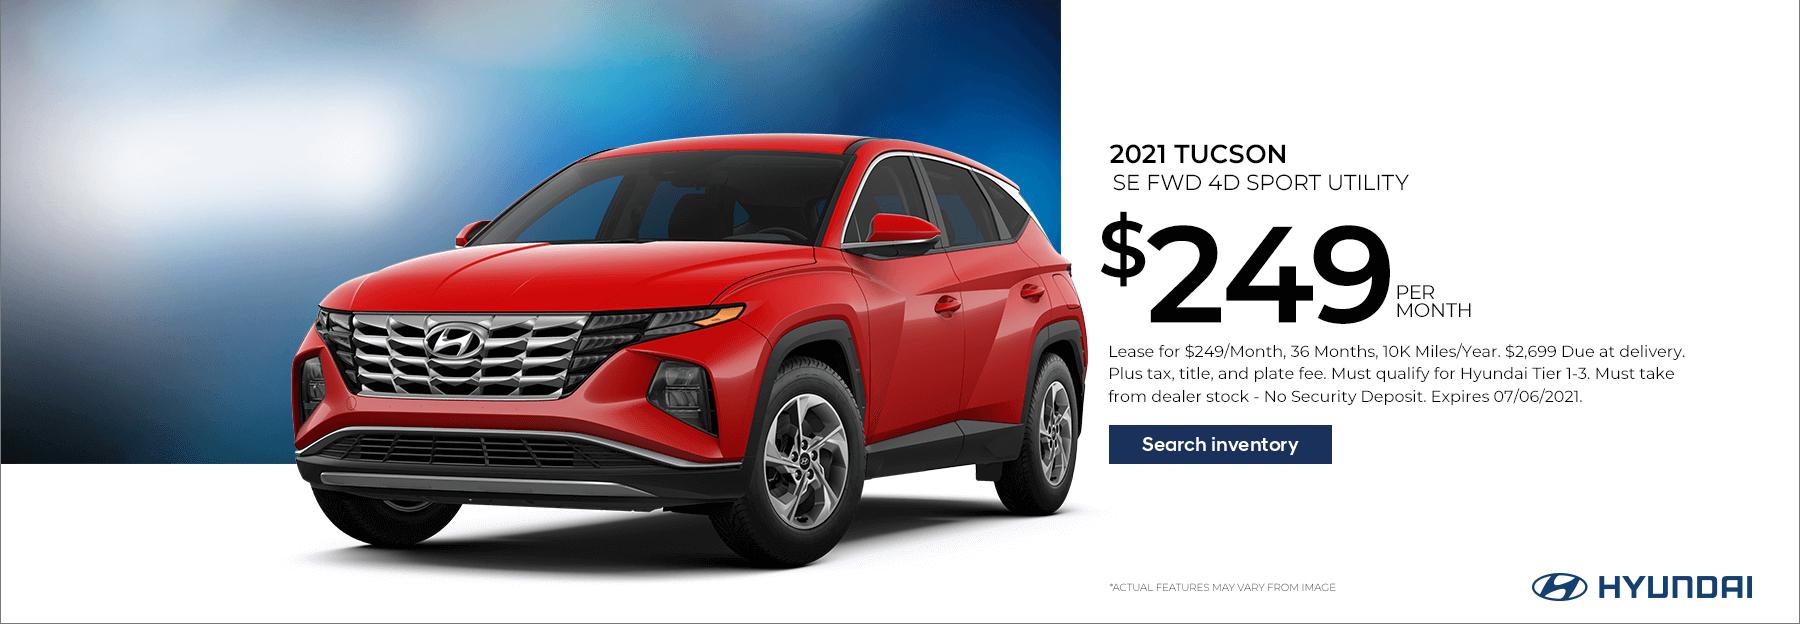 1800x625_Hyundai_LeaseBanners_Tucson (3)